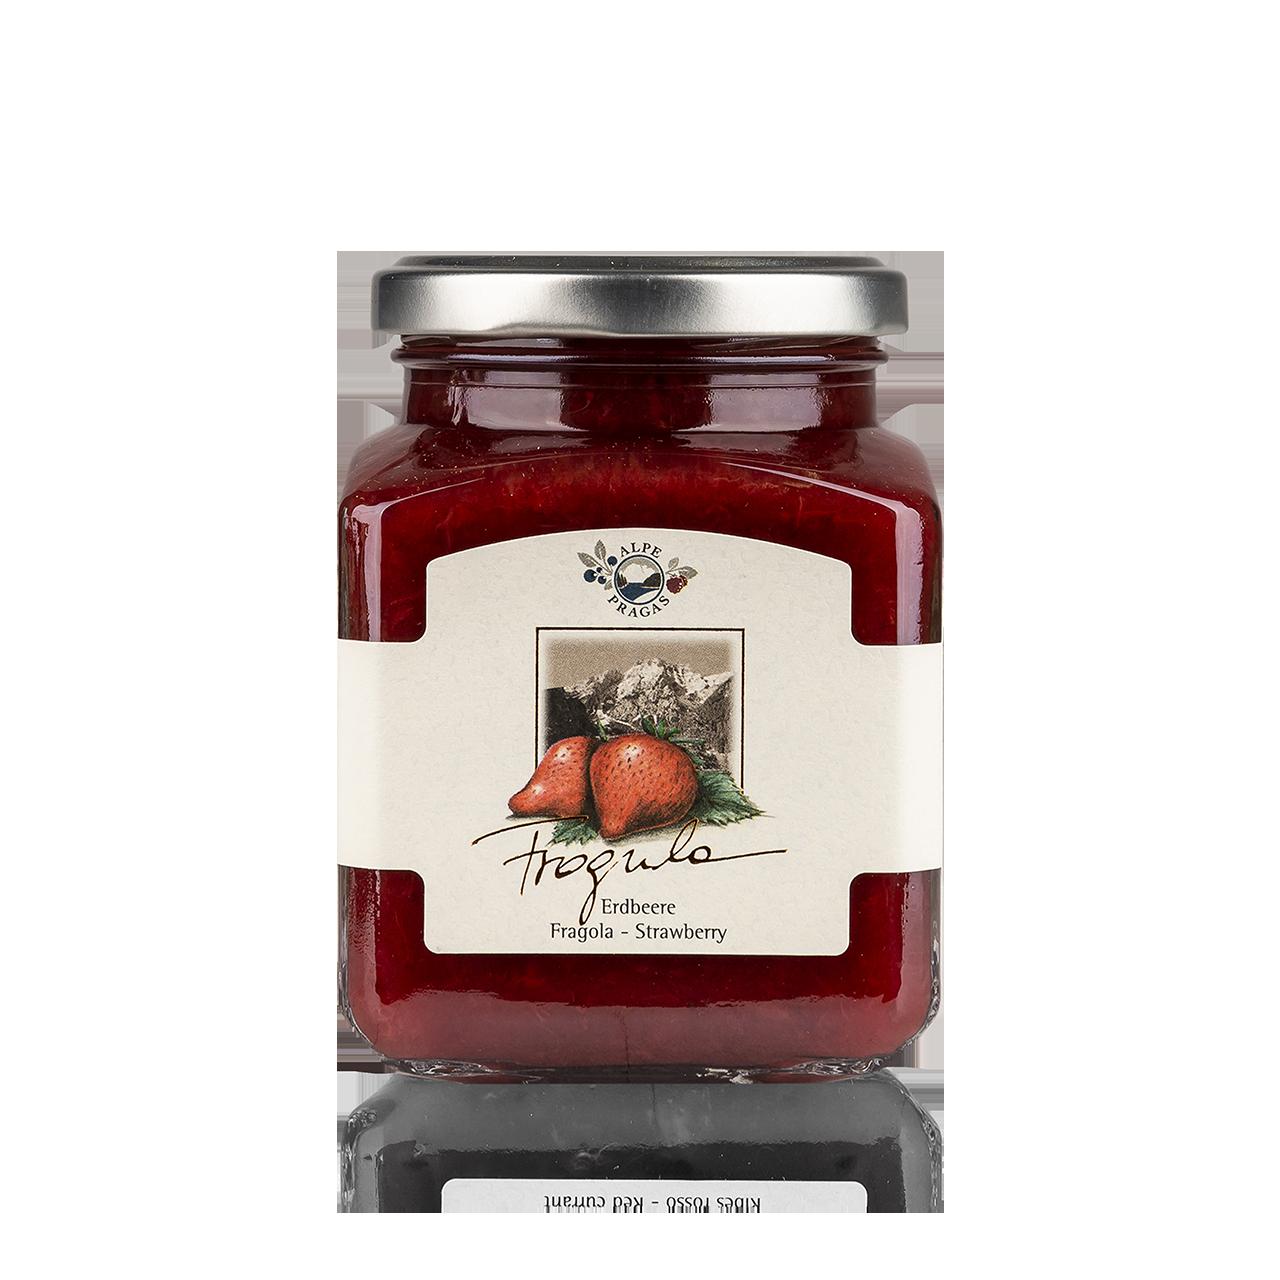 Fragula Fruchtaufstrich Erdbeere 335g - 75% Frucht